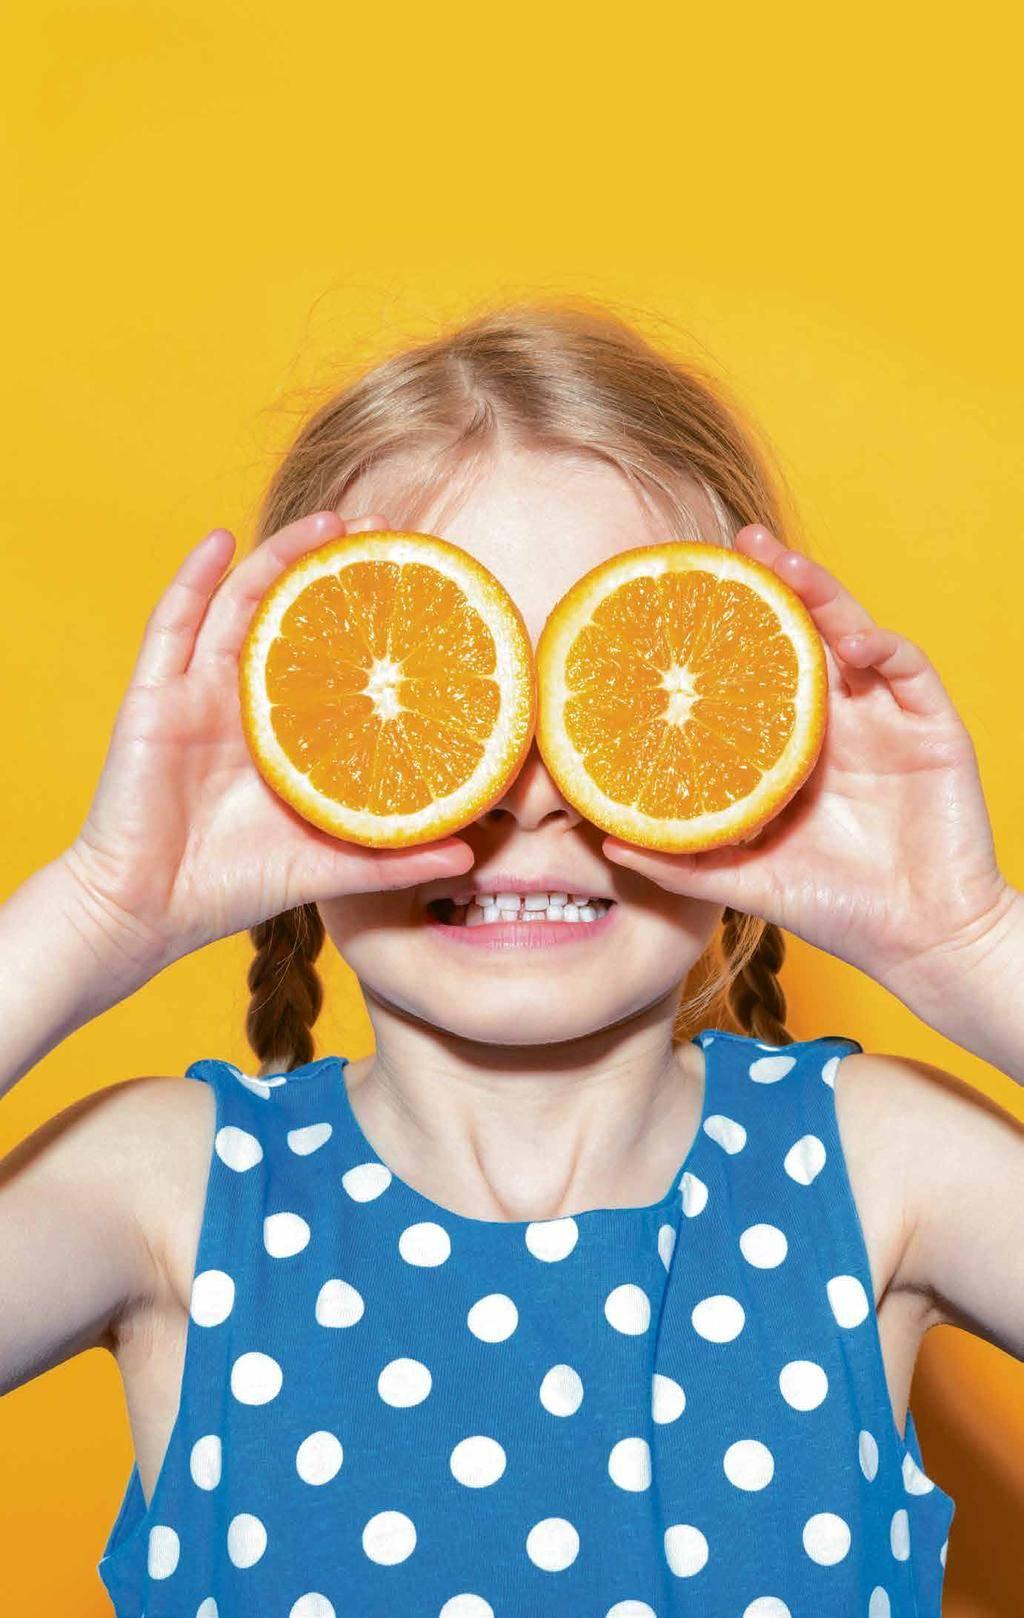 Гибриды цитрусовых: как смешаны апельсин, мандарин,грейпфрут и лимон